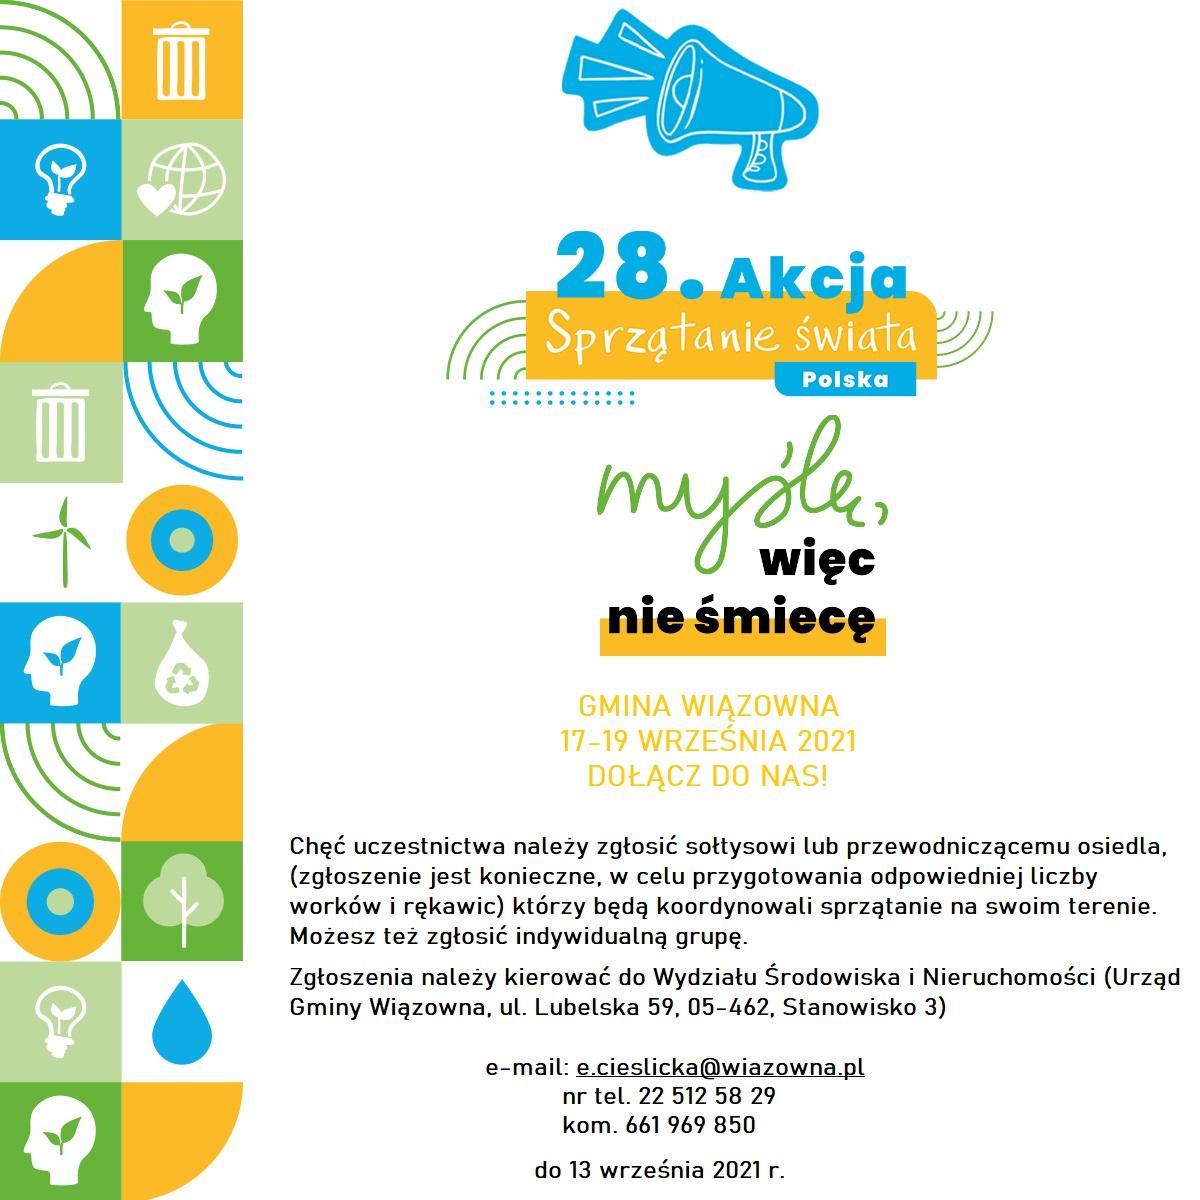 Akcja Sprzątanie Świata. 17-19 września 2021 r.